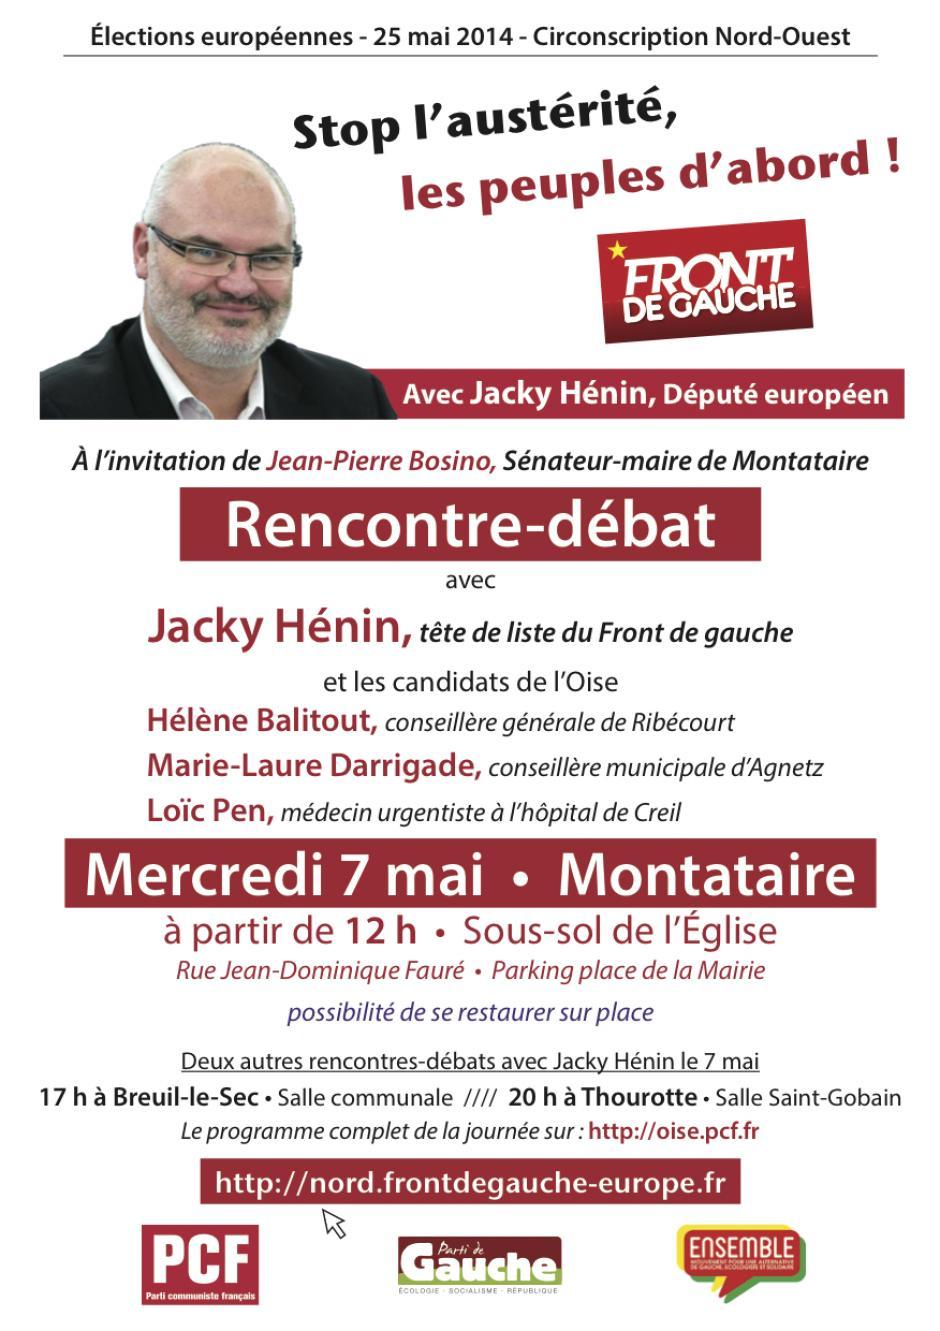 7 mai, Montataire - Rencontre-débat avec Jacky Hénin, autour d'un buffet